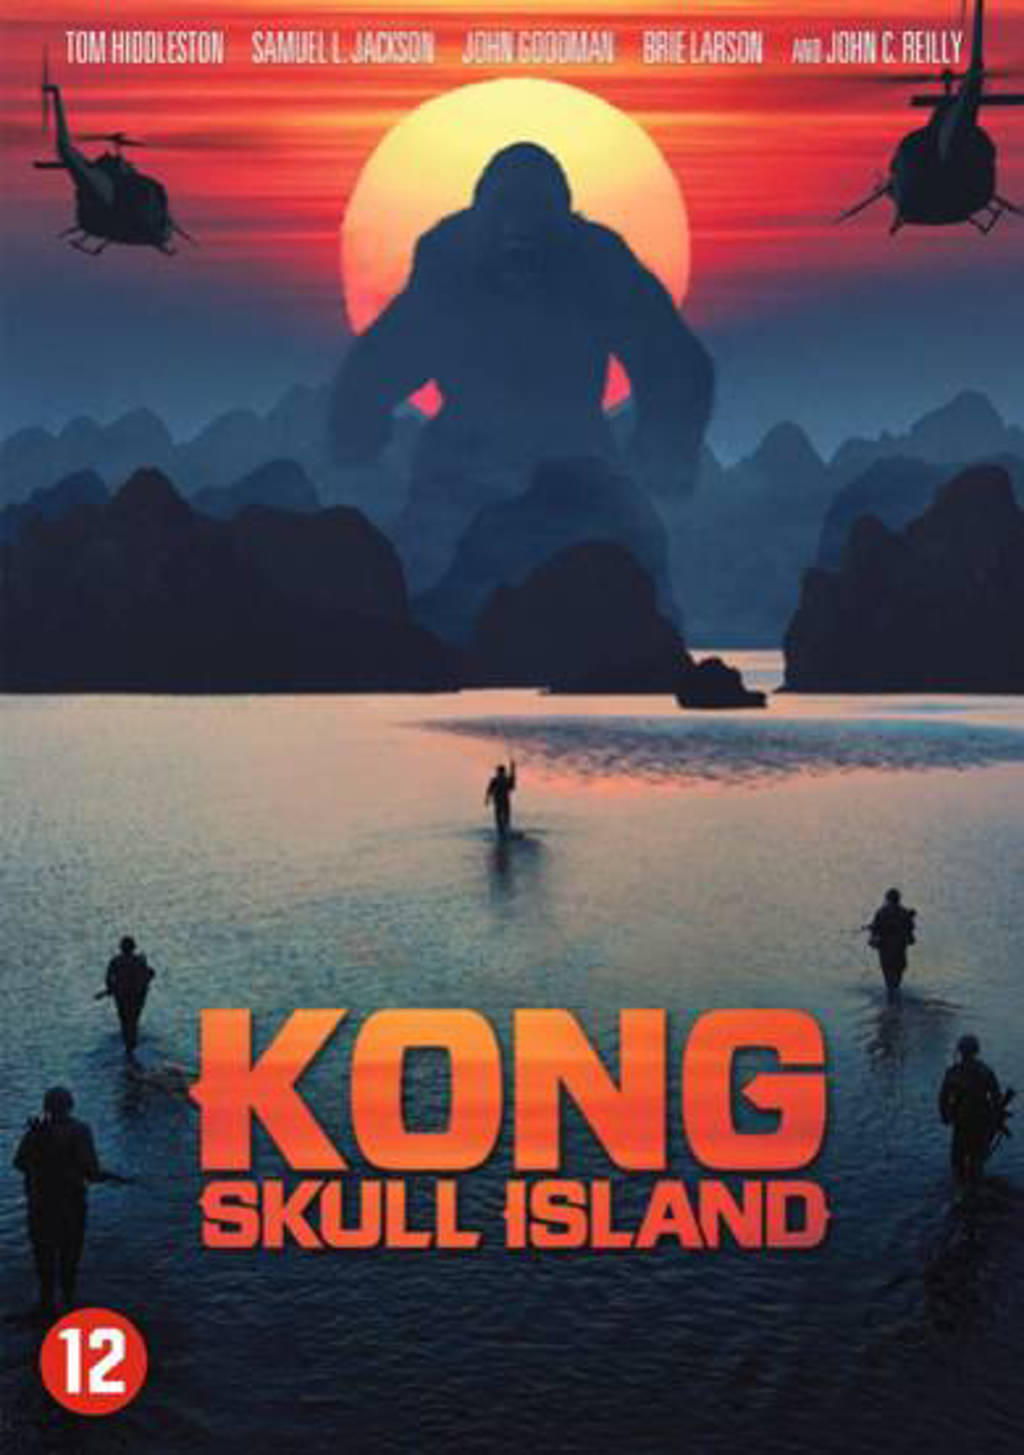 Kong - Skull island (DVD)